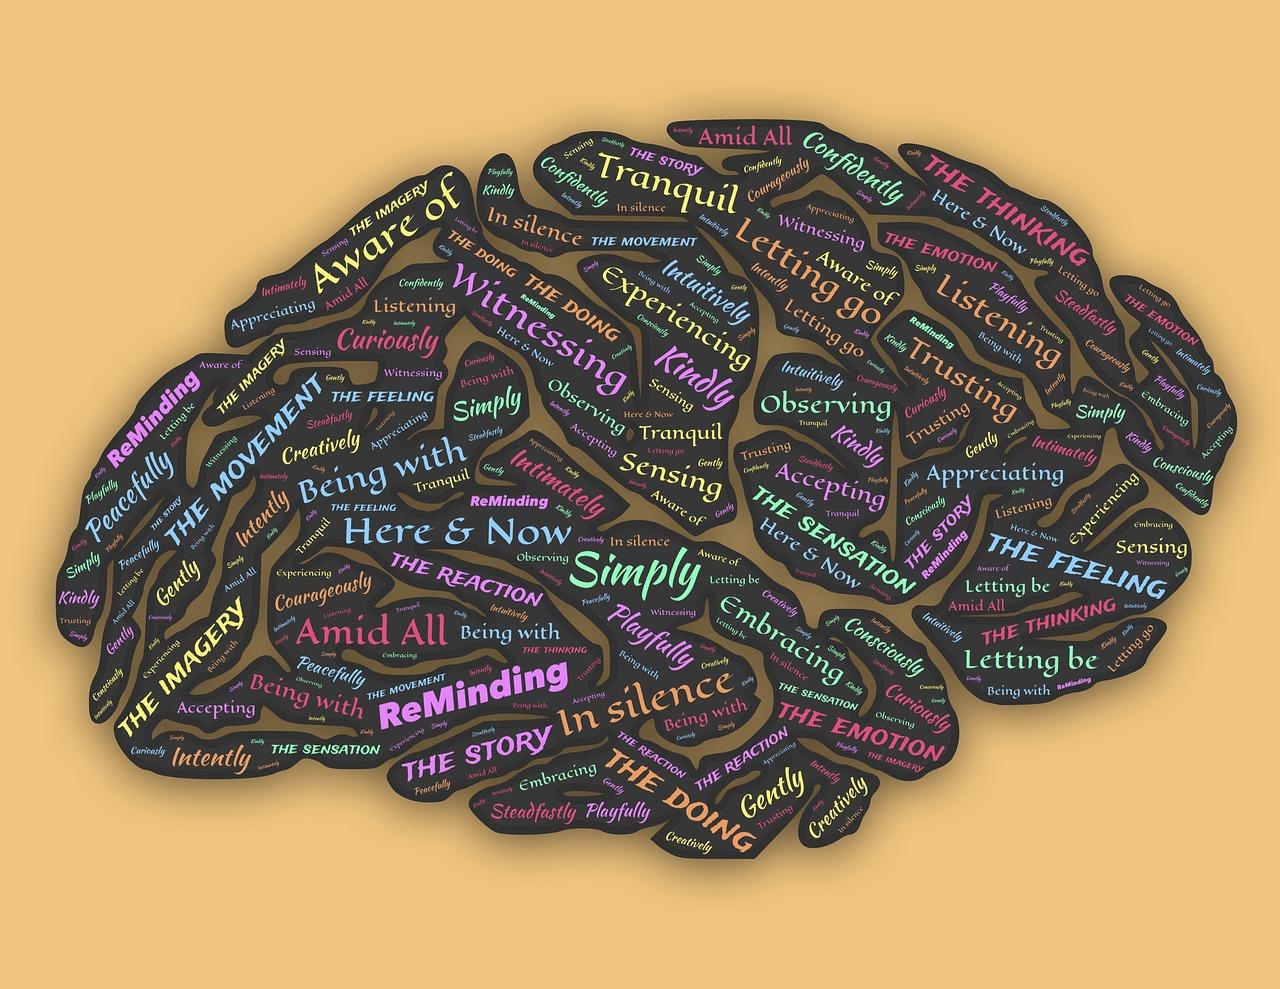 [Exercițiu] 35 de lucruri consumatoare de timp la care aș renunța…_imagine cu reactiile din creier